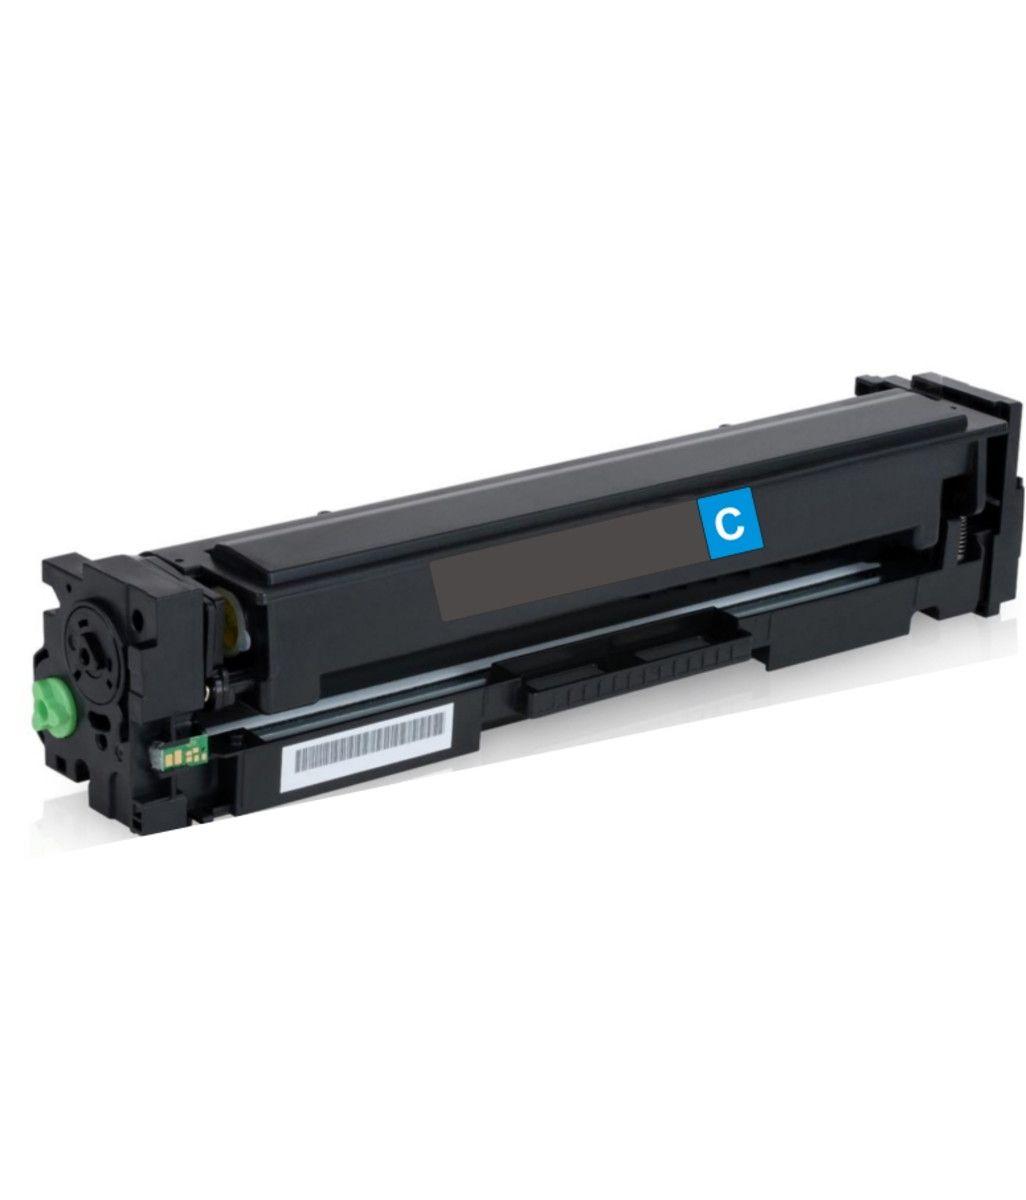 Toner Compatível com HP CF-401A Ciano, M-252DW M-252, M-277DW M277 - 1.400 Páginas - Cartucho & Cia